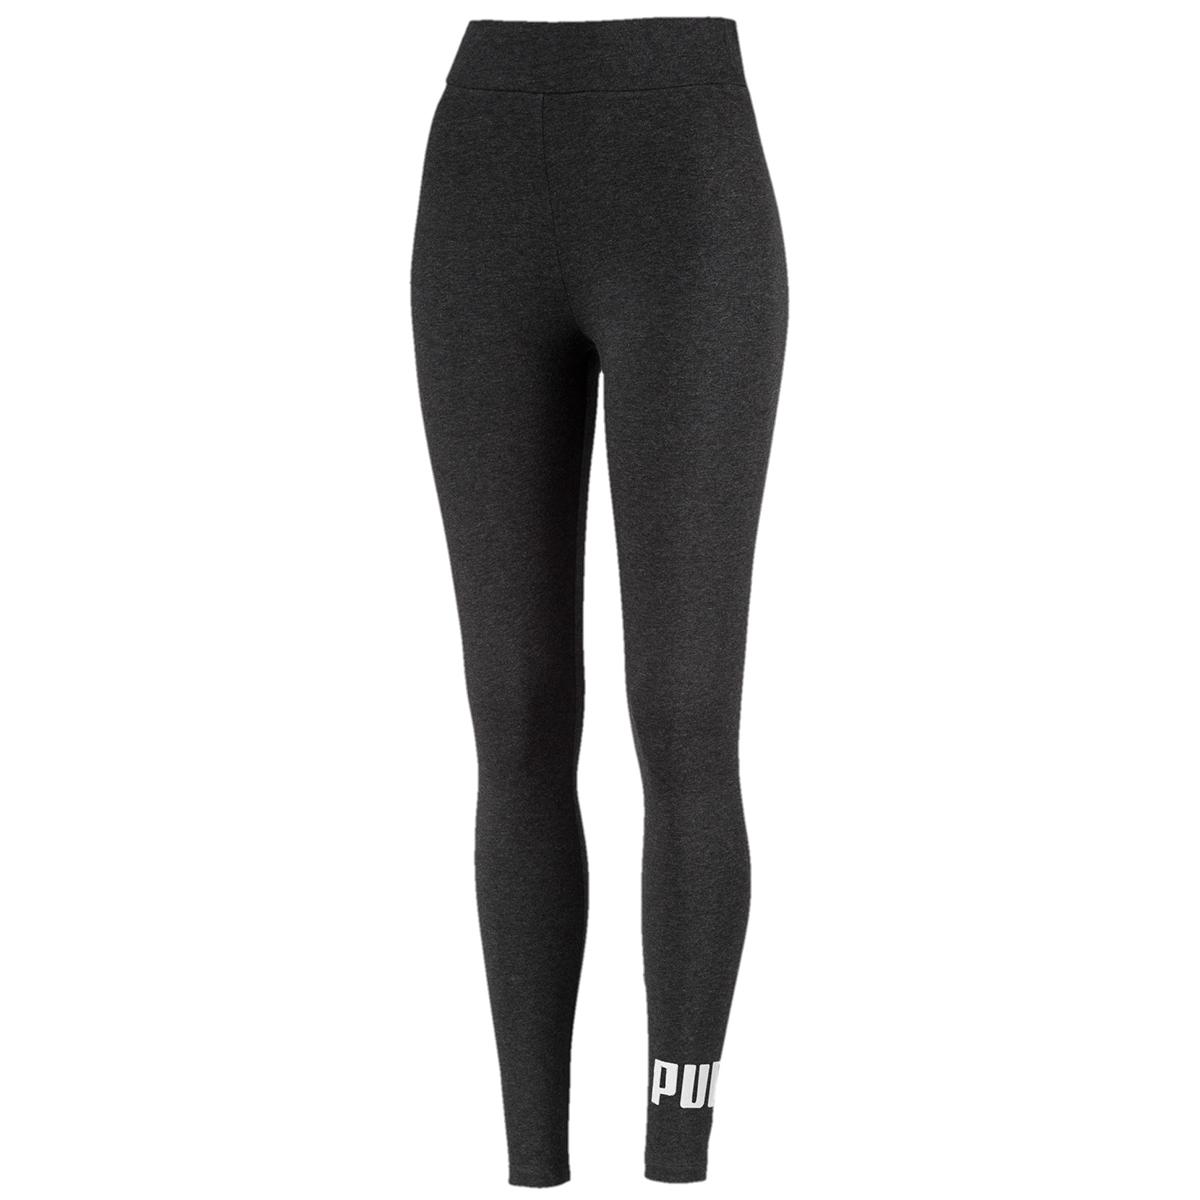 Puma Women's Mid Rise Essentials Logo Leggings - Black, M